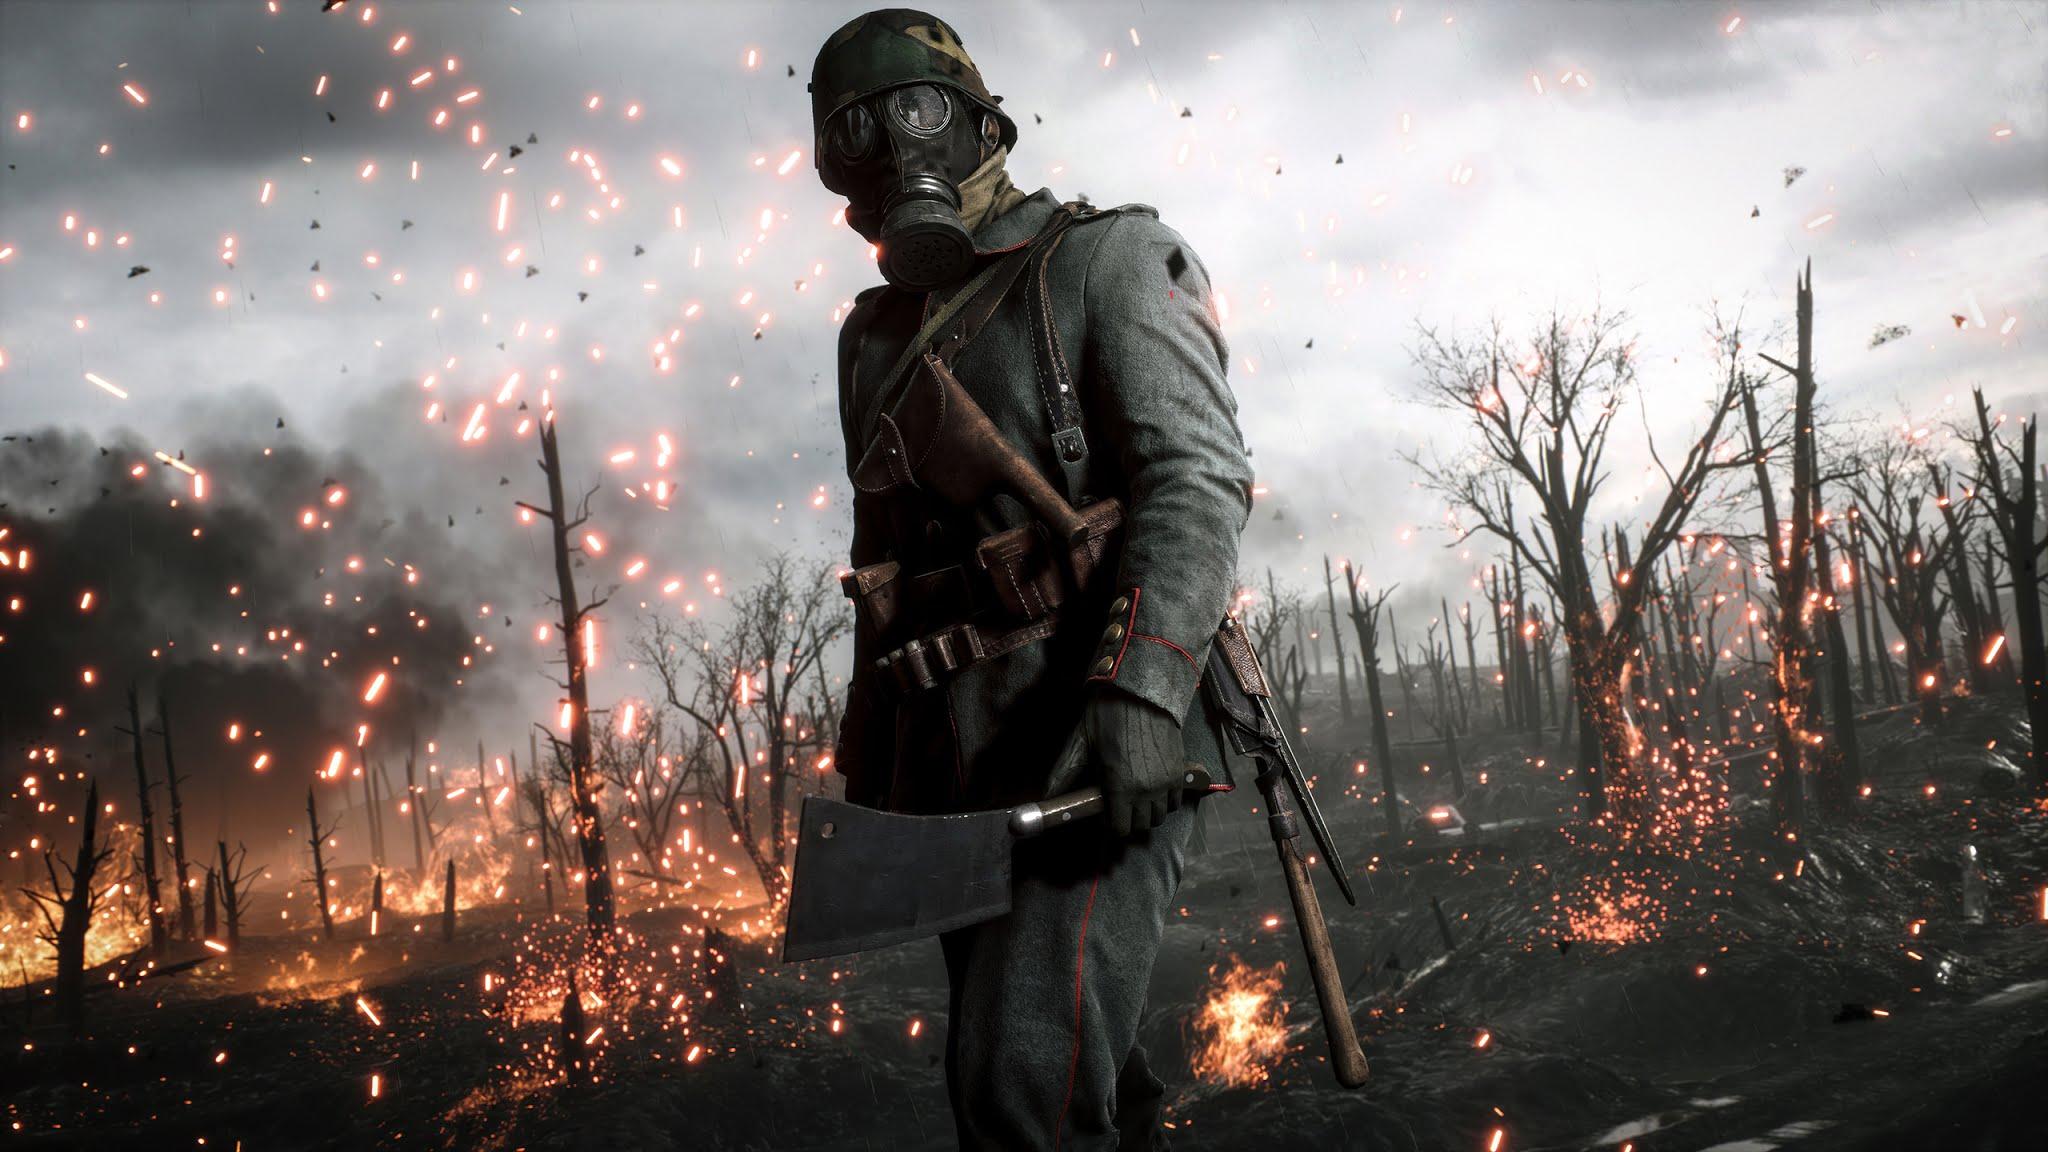 Battlefield 1 Video Game Wallpaper